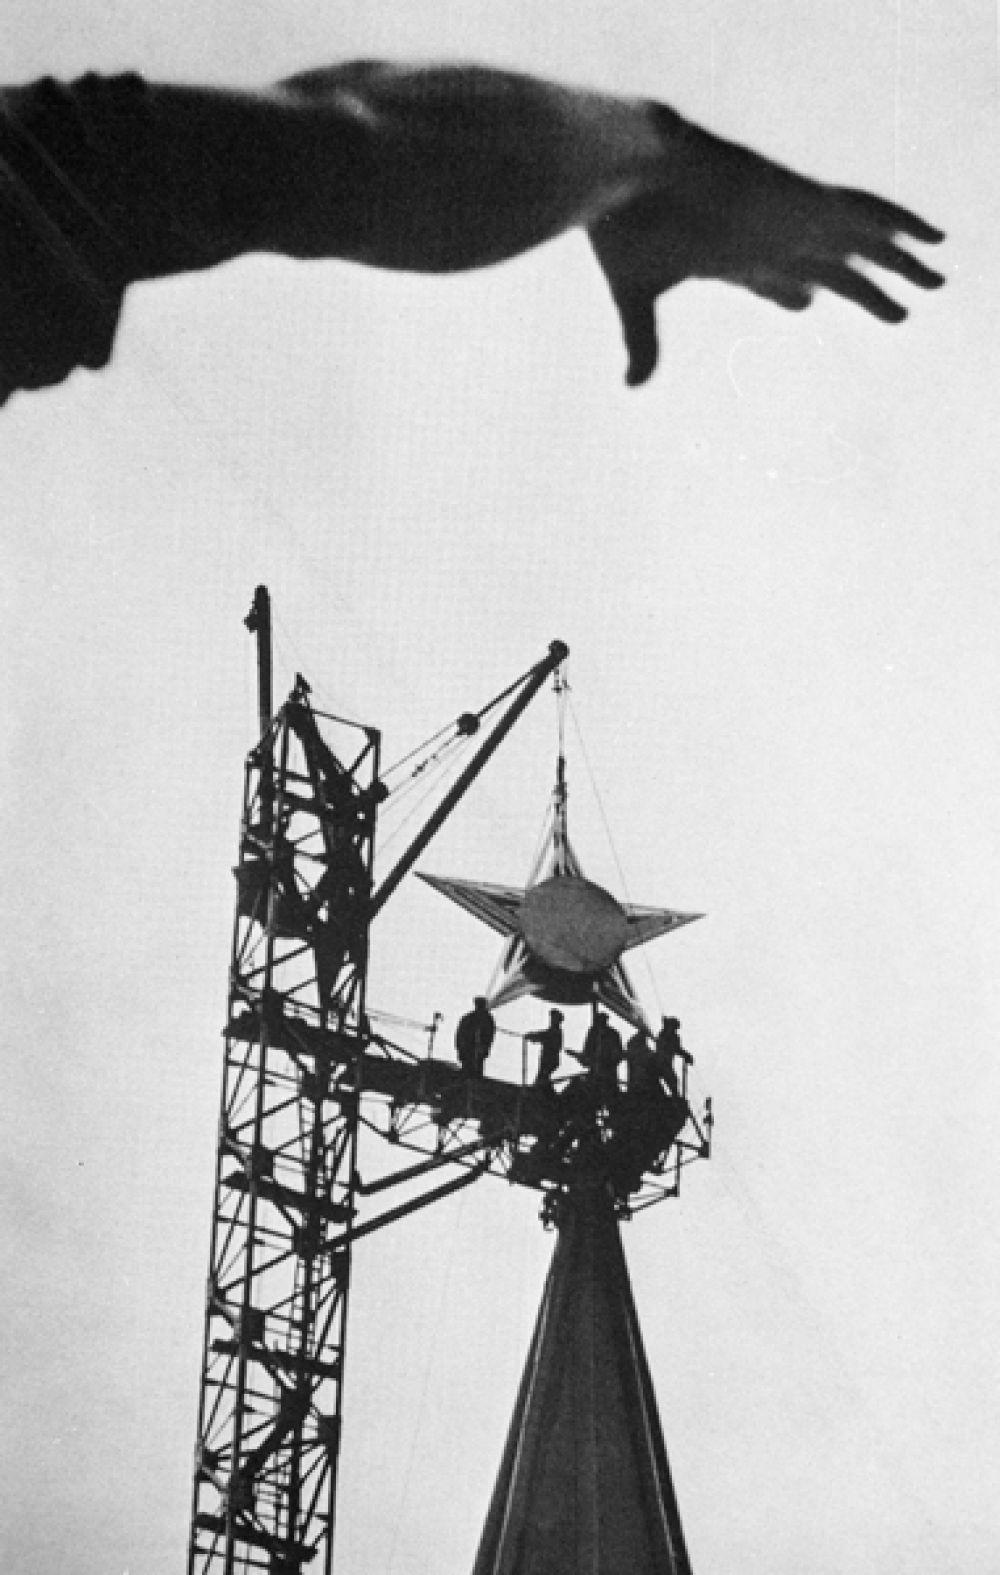 Новые самоцветные звёзды весили около тонны. Шатры кремлёвских башен не были рассчитаны на такую нагрузку, их пришлось укреплять изнутри. 24 октября москвичи собралось на Красной площади, чтобы посмотреть на водружение пятиконечной звезды на Спасскую башню. На следующий день звезда была установлена на шпиле Троицкой башни, а затем и на остальных.